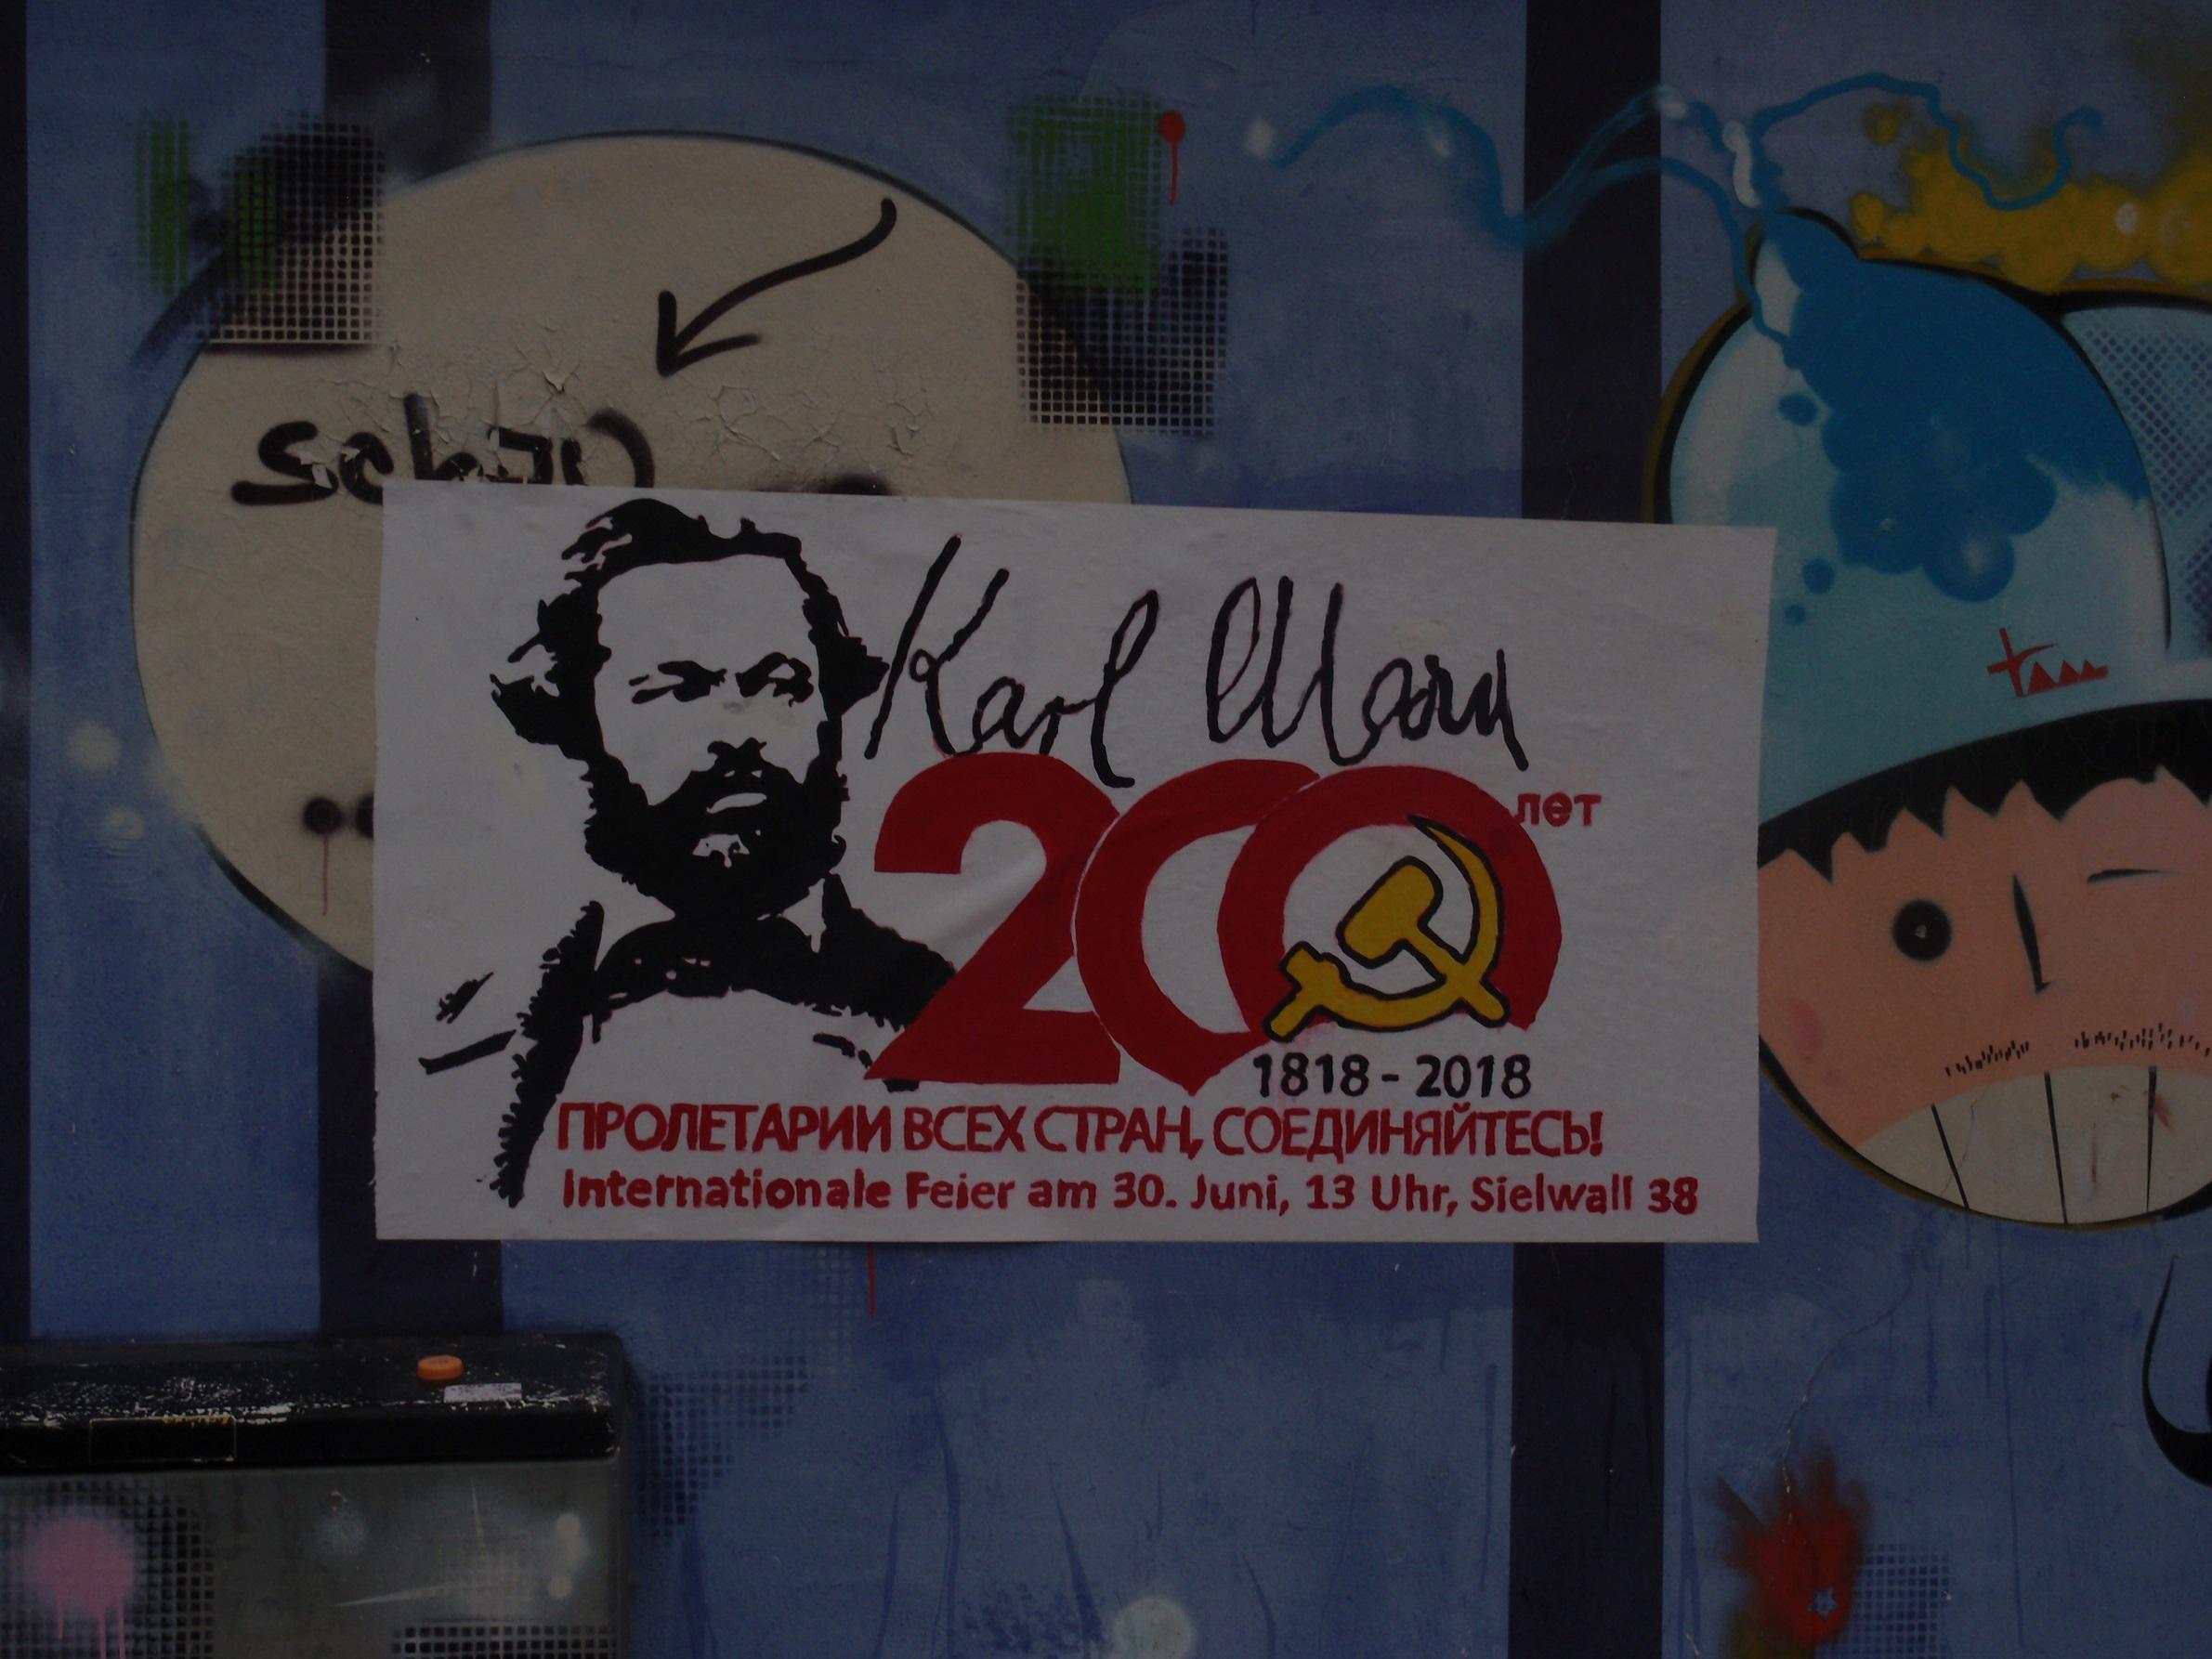 200 jahre karl marx wandzeitung russisch